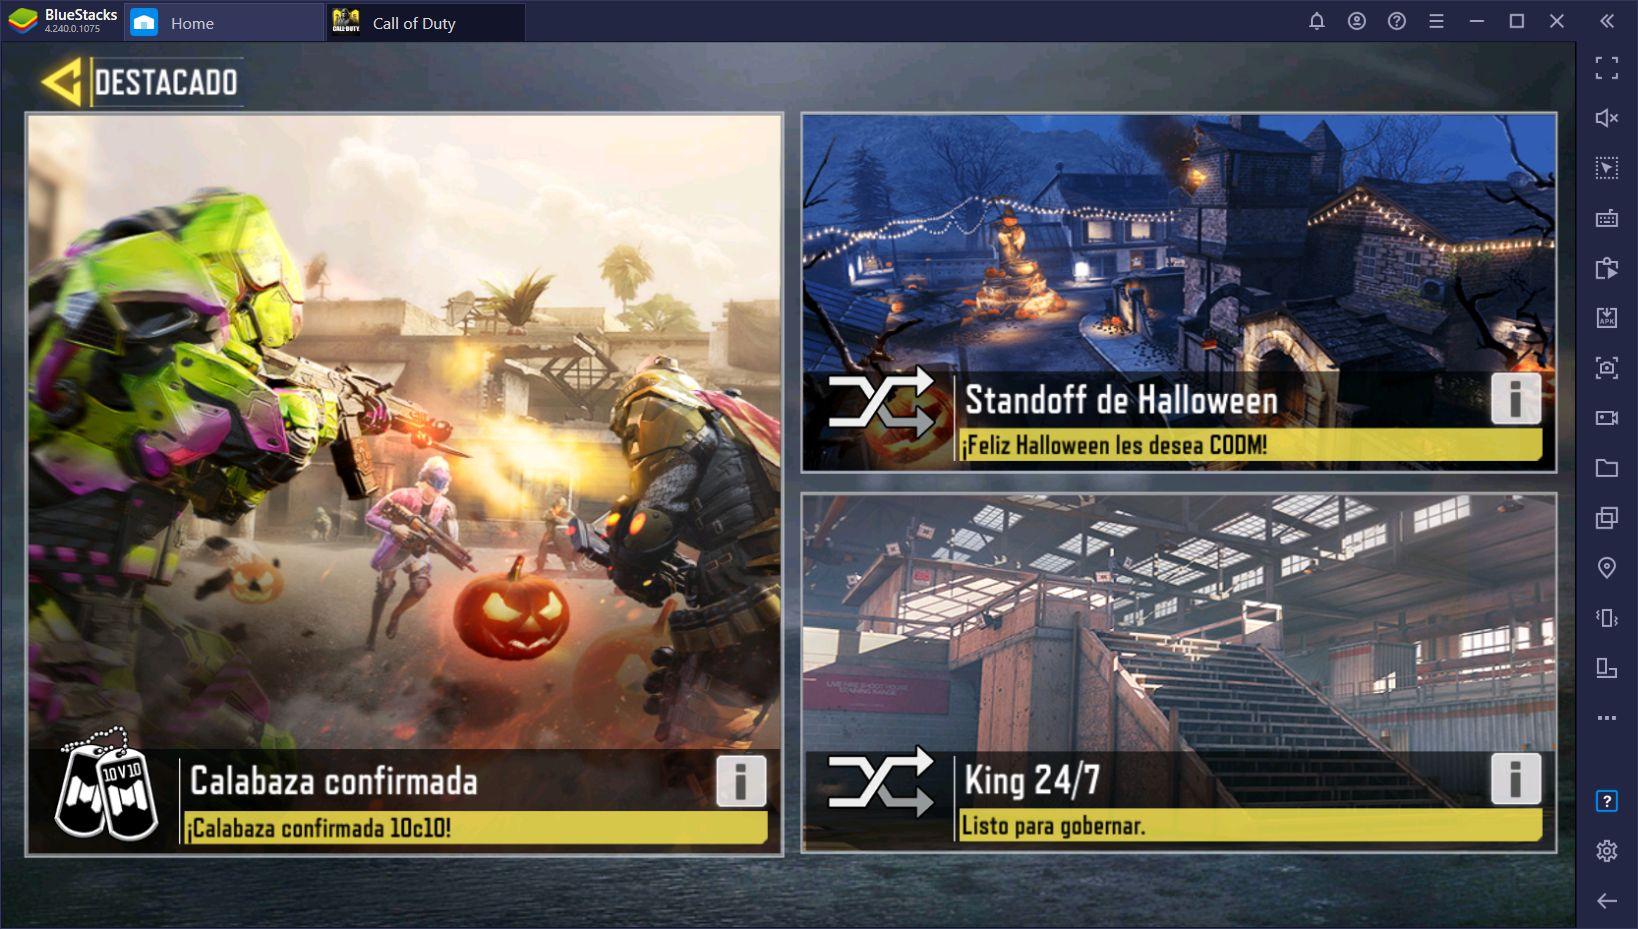 Call of Duty: Mobile – Fecha de Lanzamiento de 'Undead Fog' Anunciada